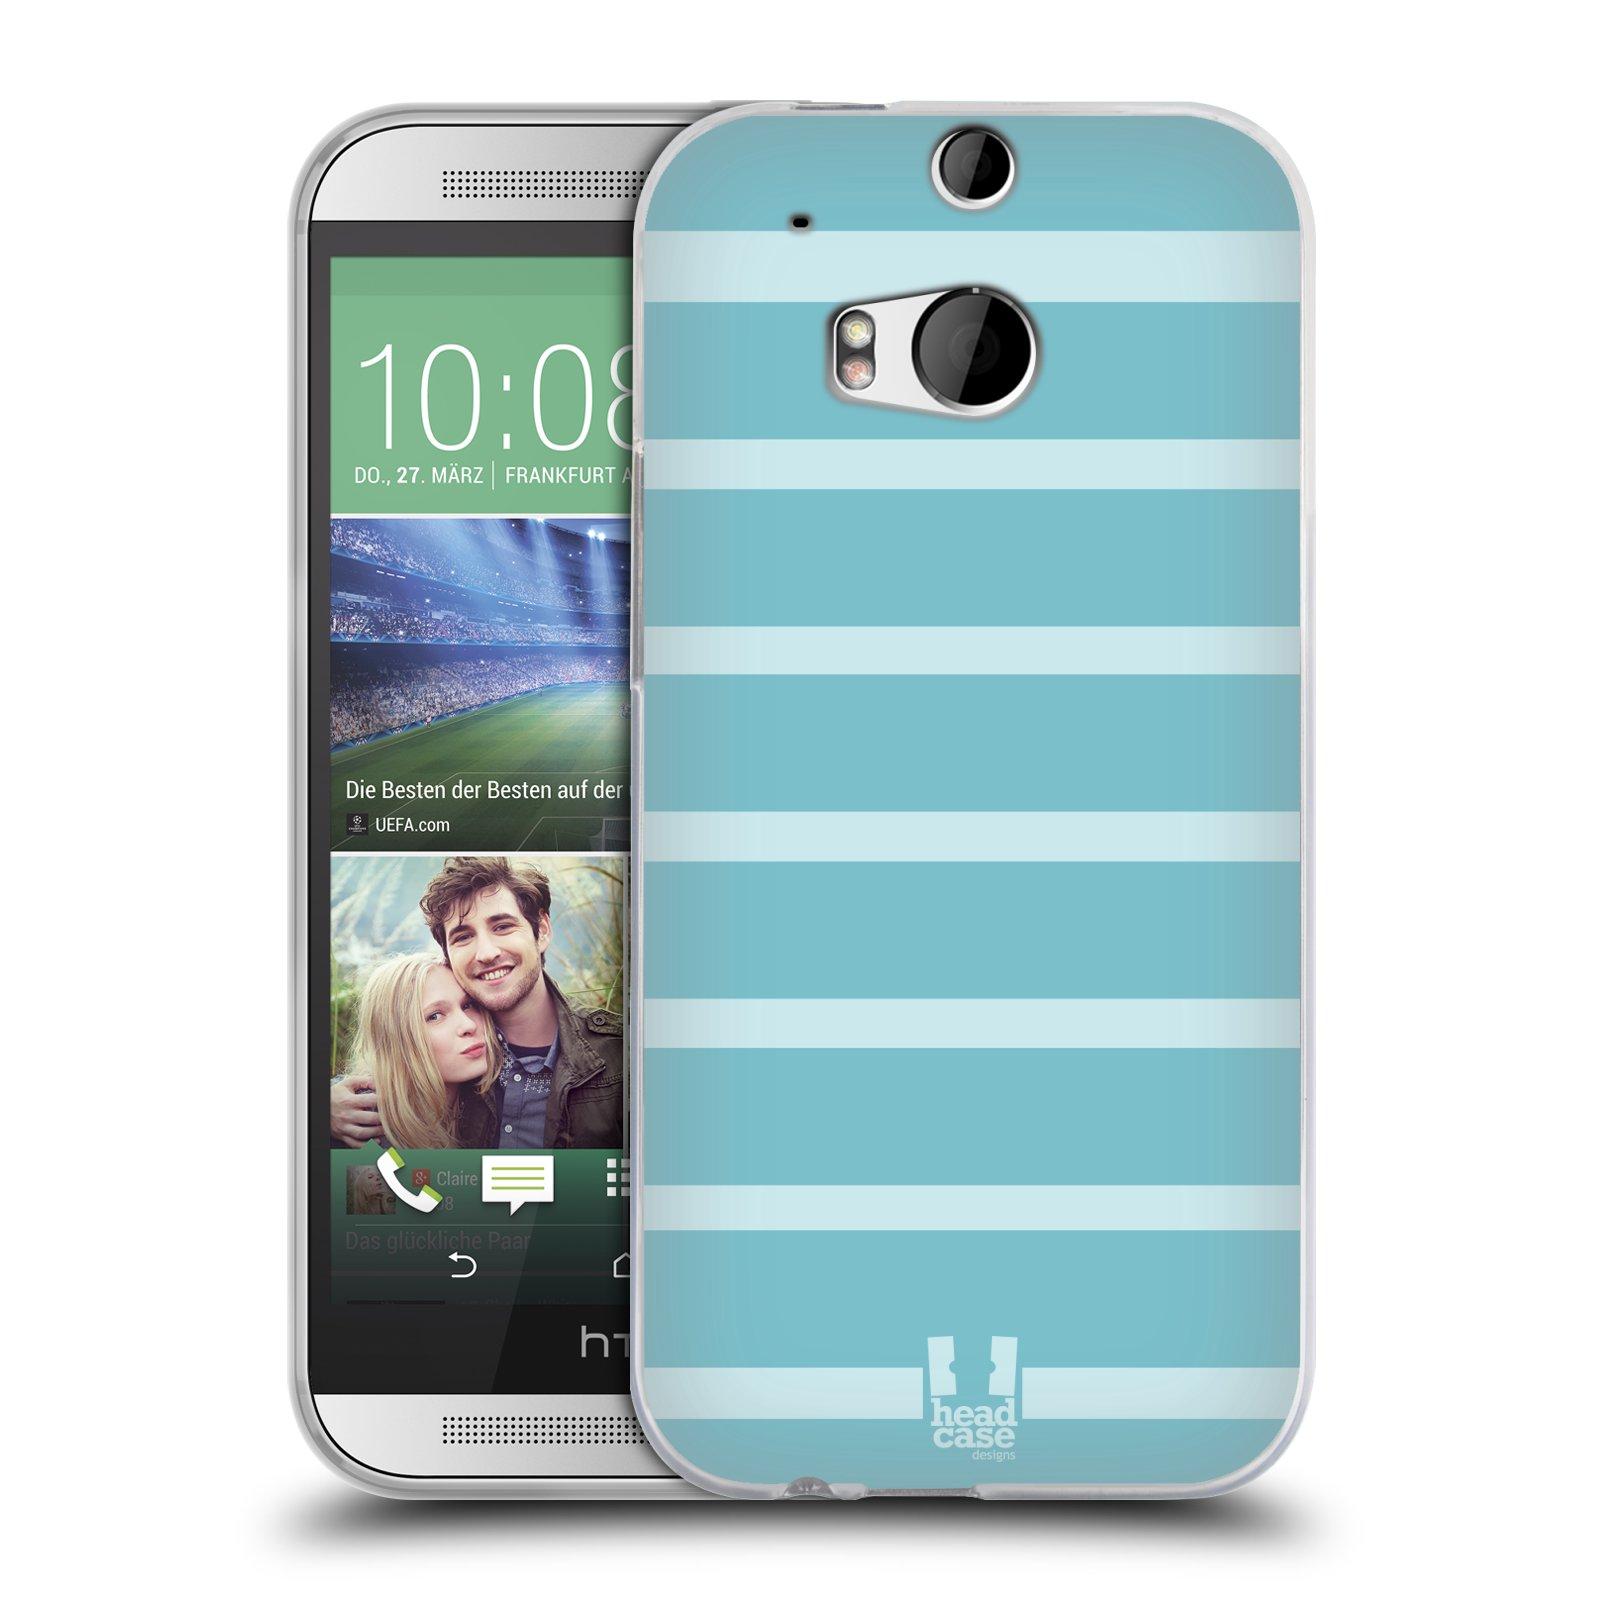 HEAD CASE silikonový obal na mobil HTC ONE (M8) vzor Barevné proužky MODRÁ A BÍLÁ